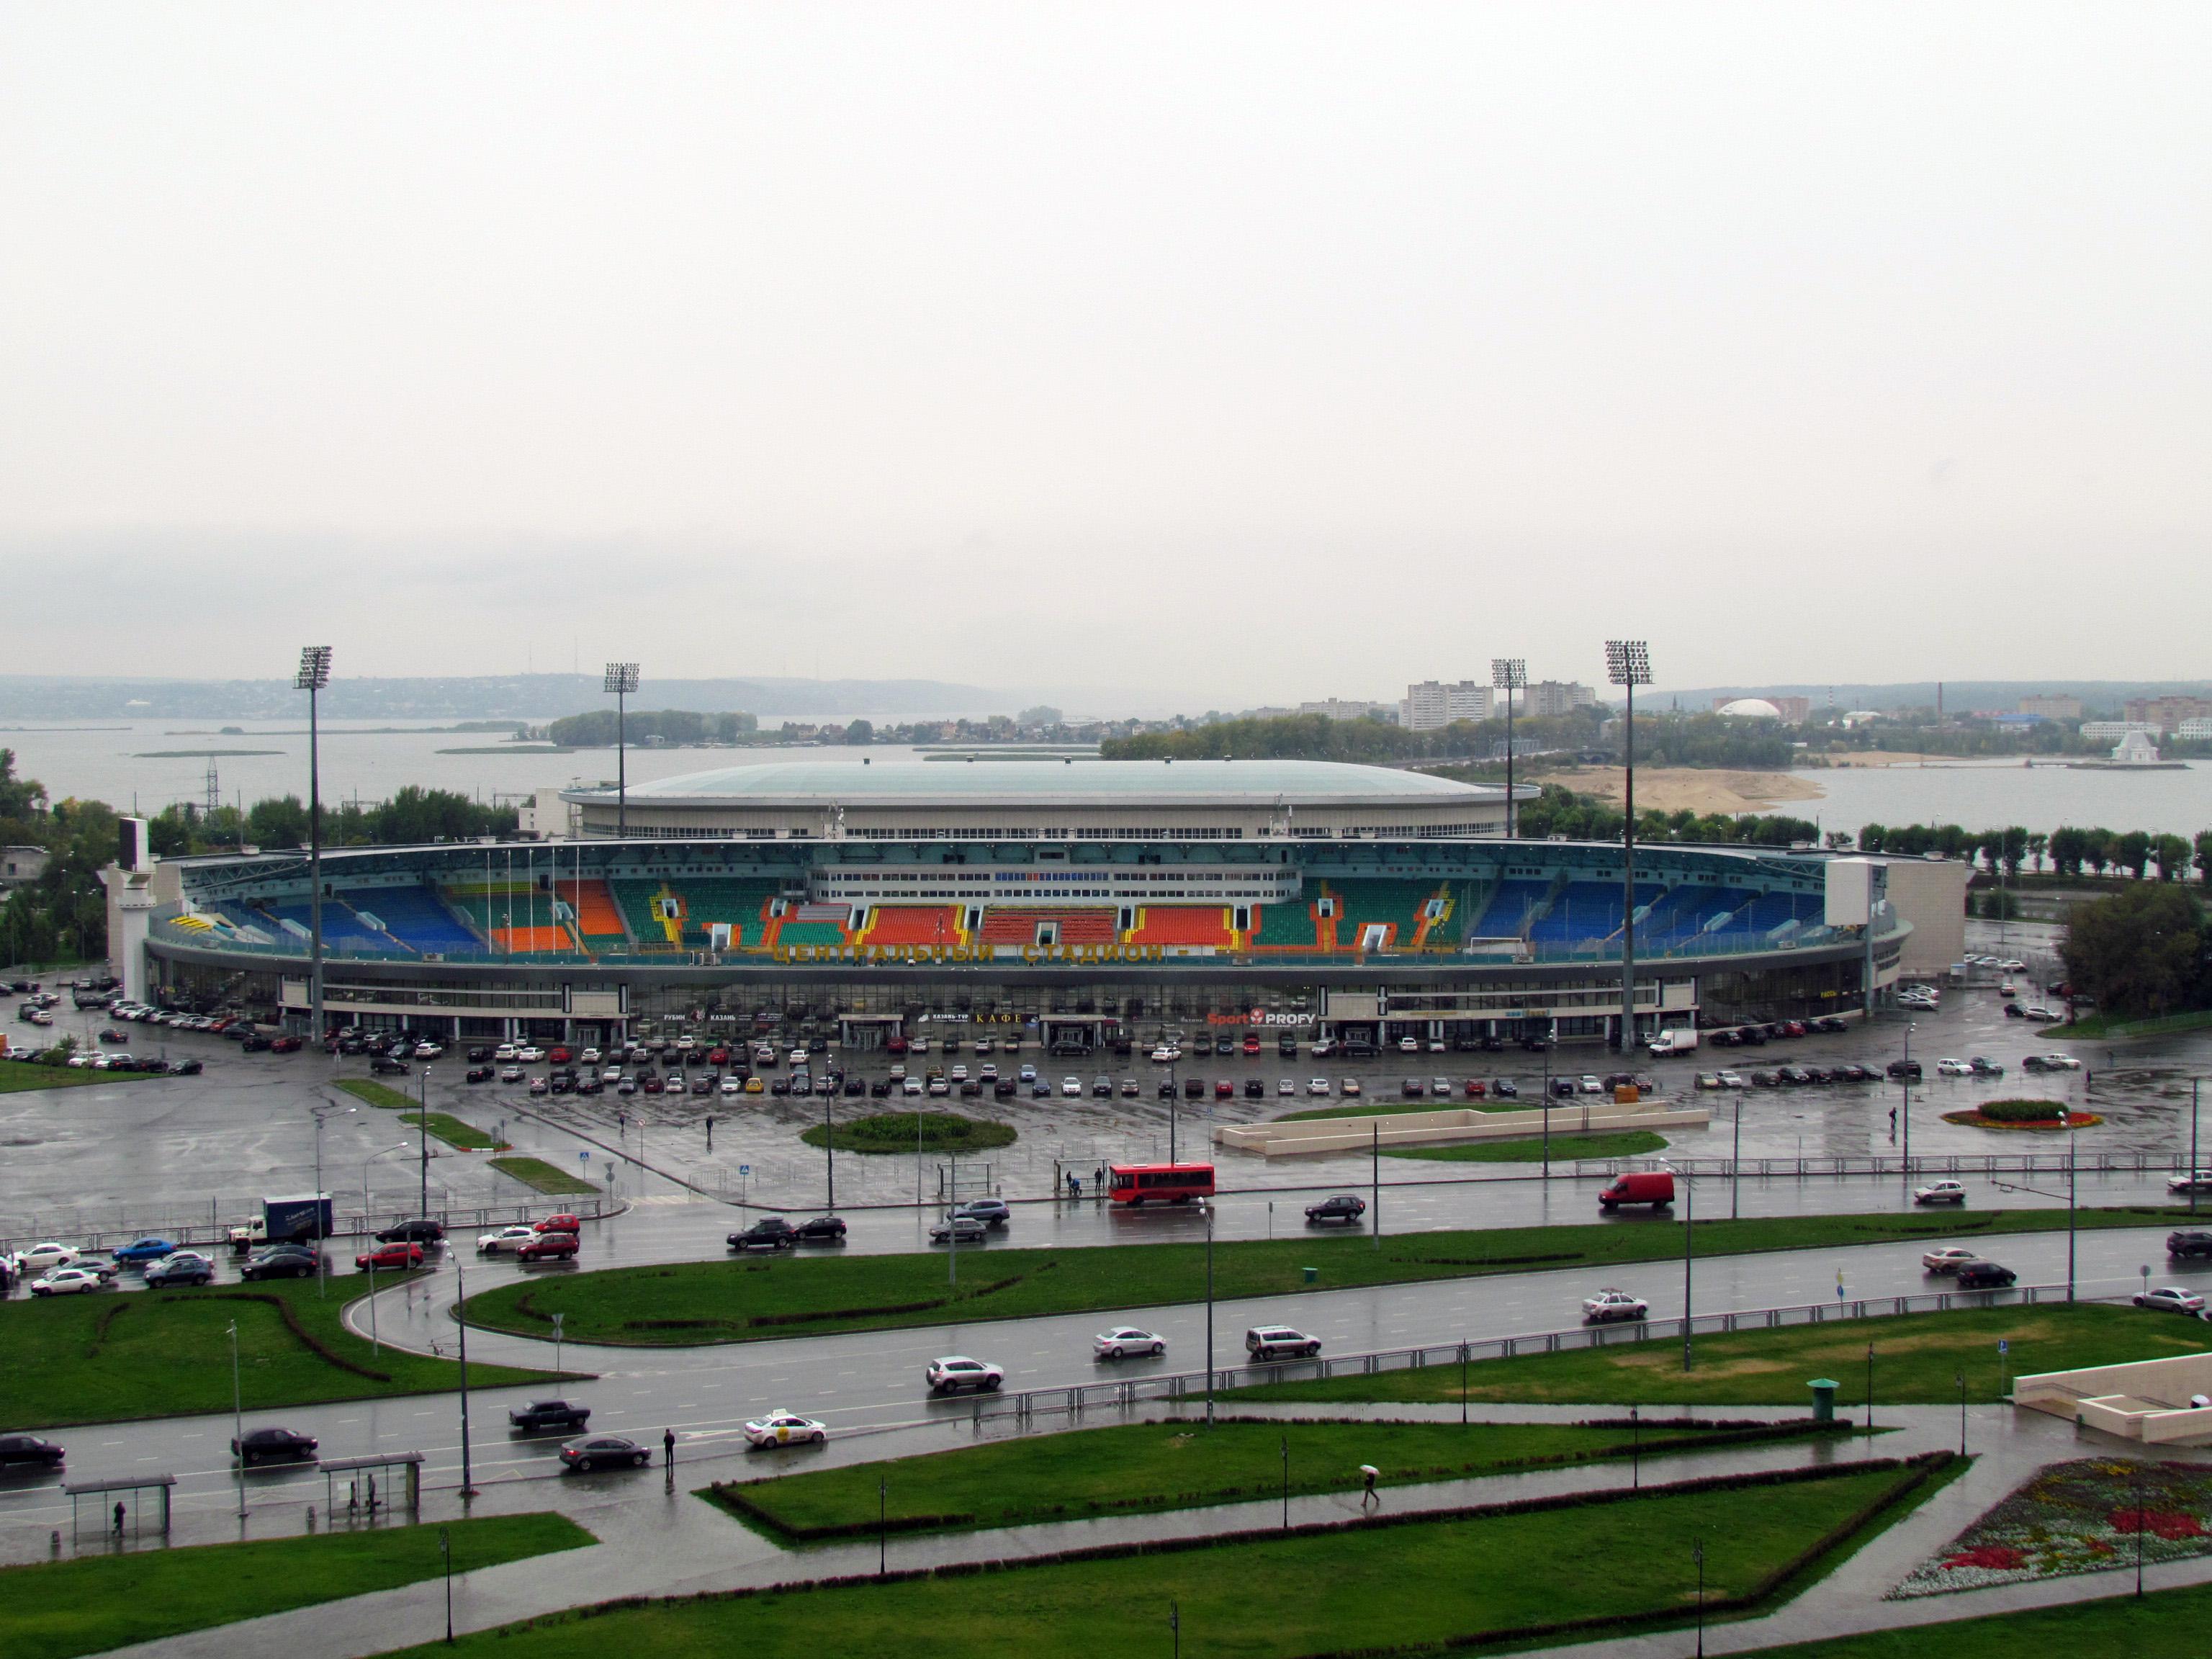 Стадион центральный казань схема 552